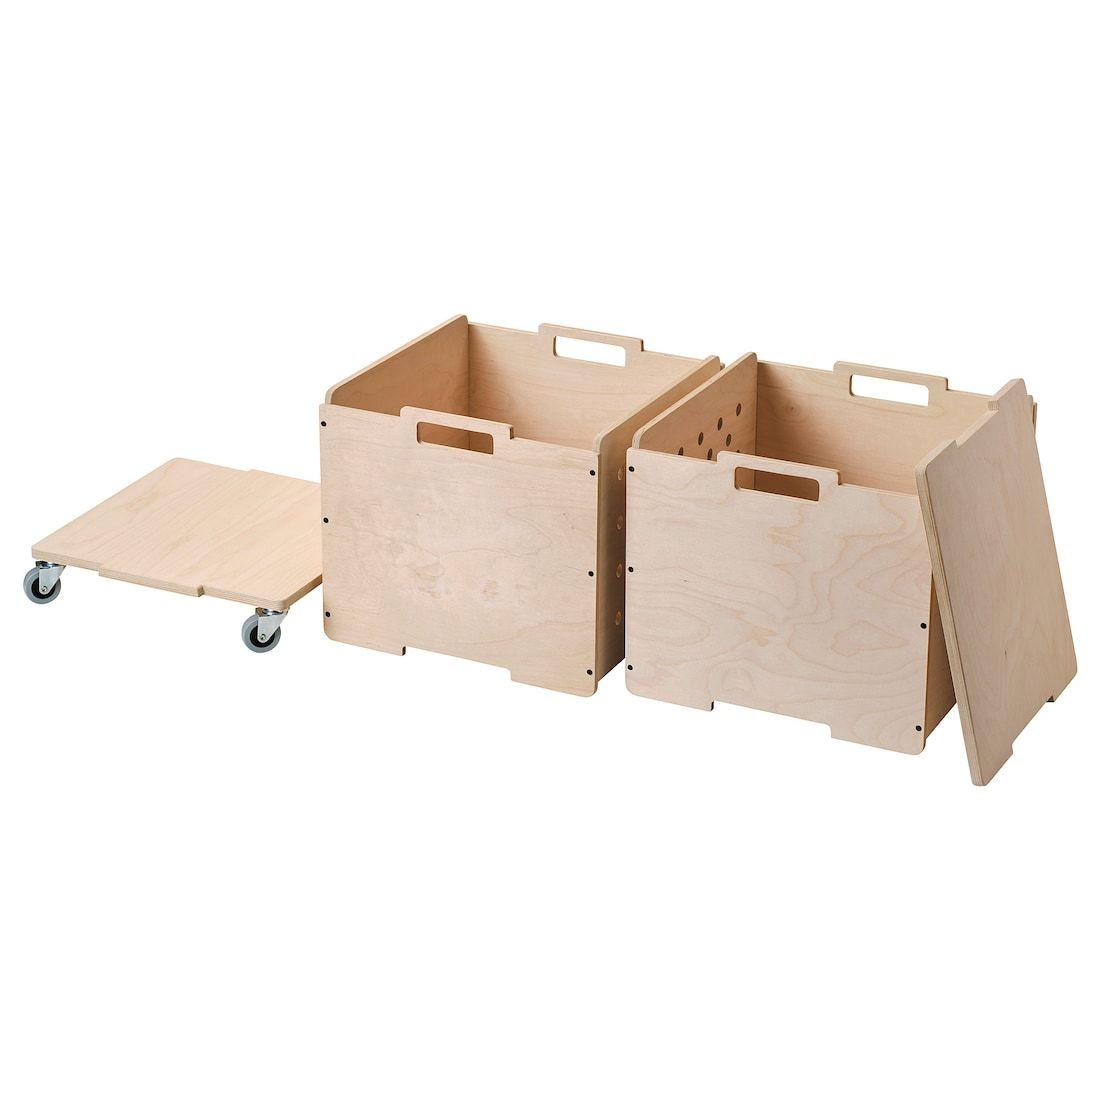 Ikea Us Furniture And Home Furnishings Ikea Corner Storage Storage